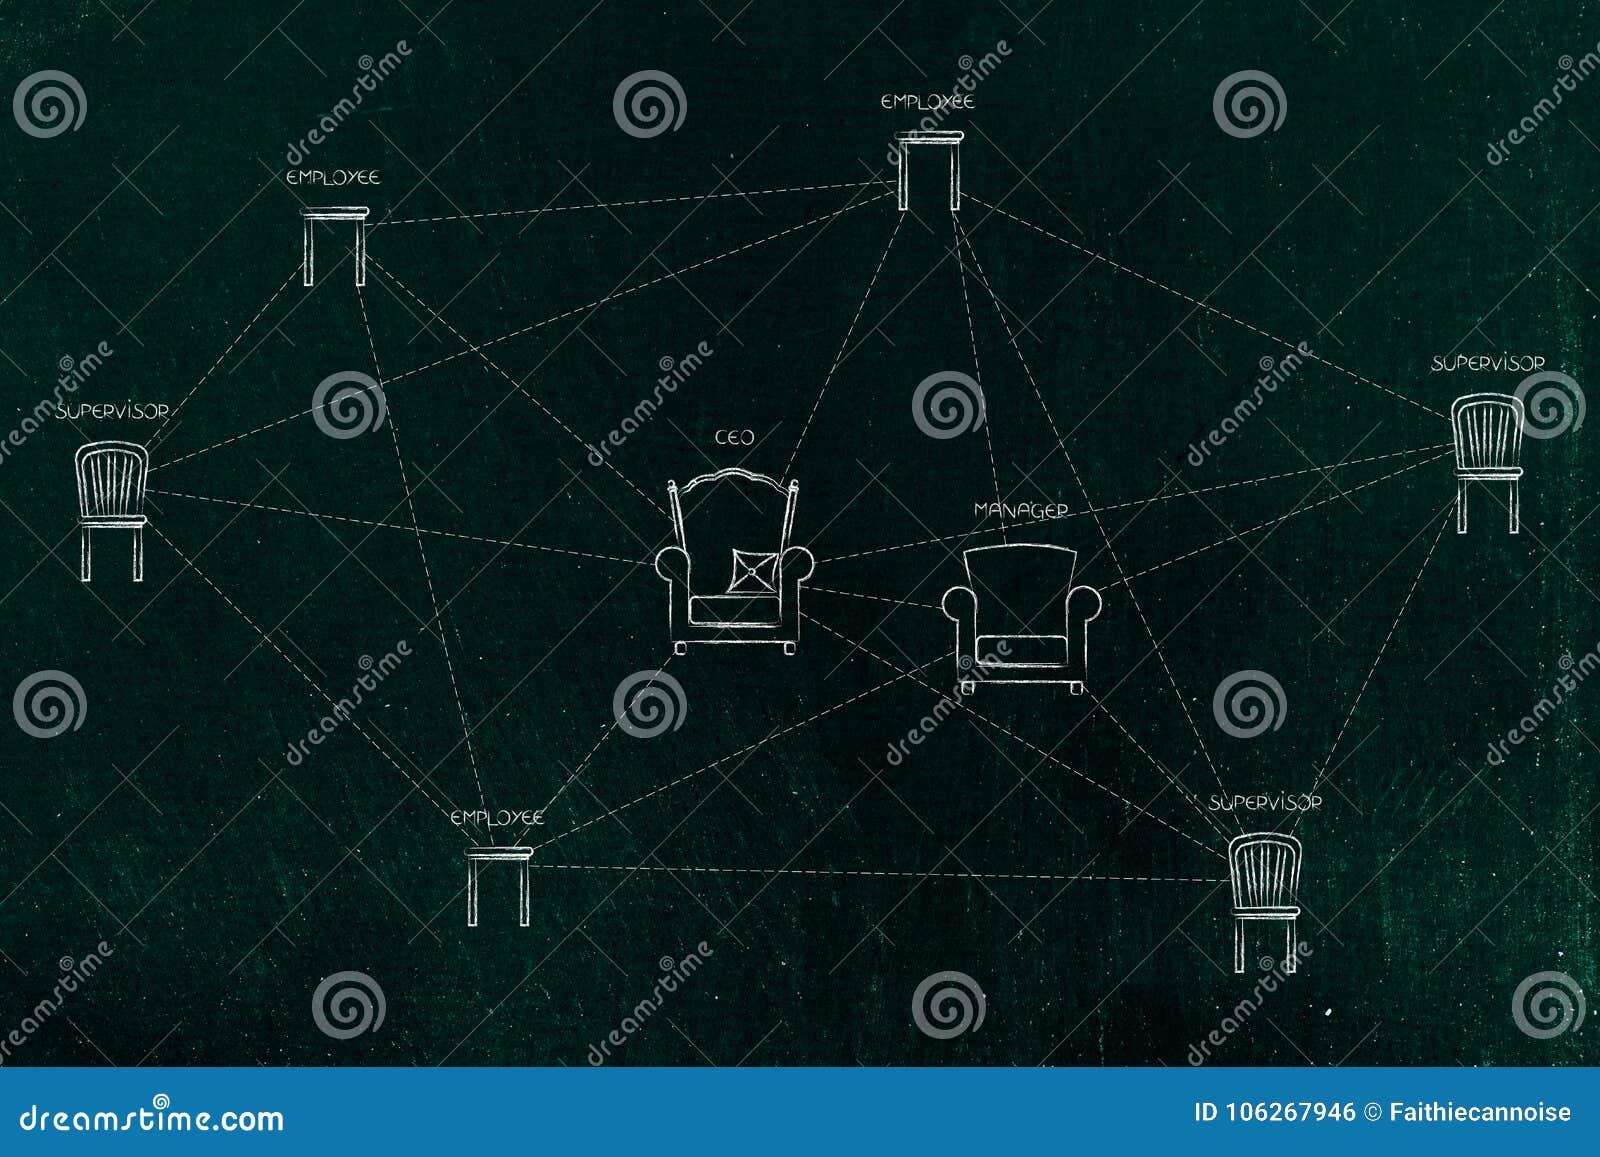 Bedrijfnetwerk met flexibele hiërarchie